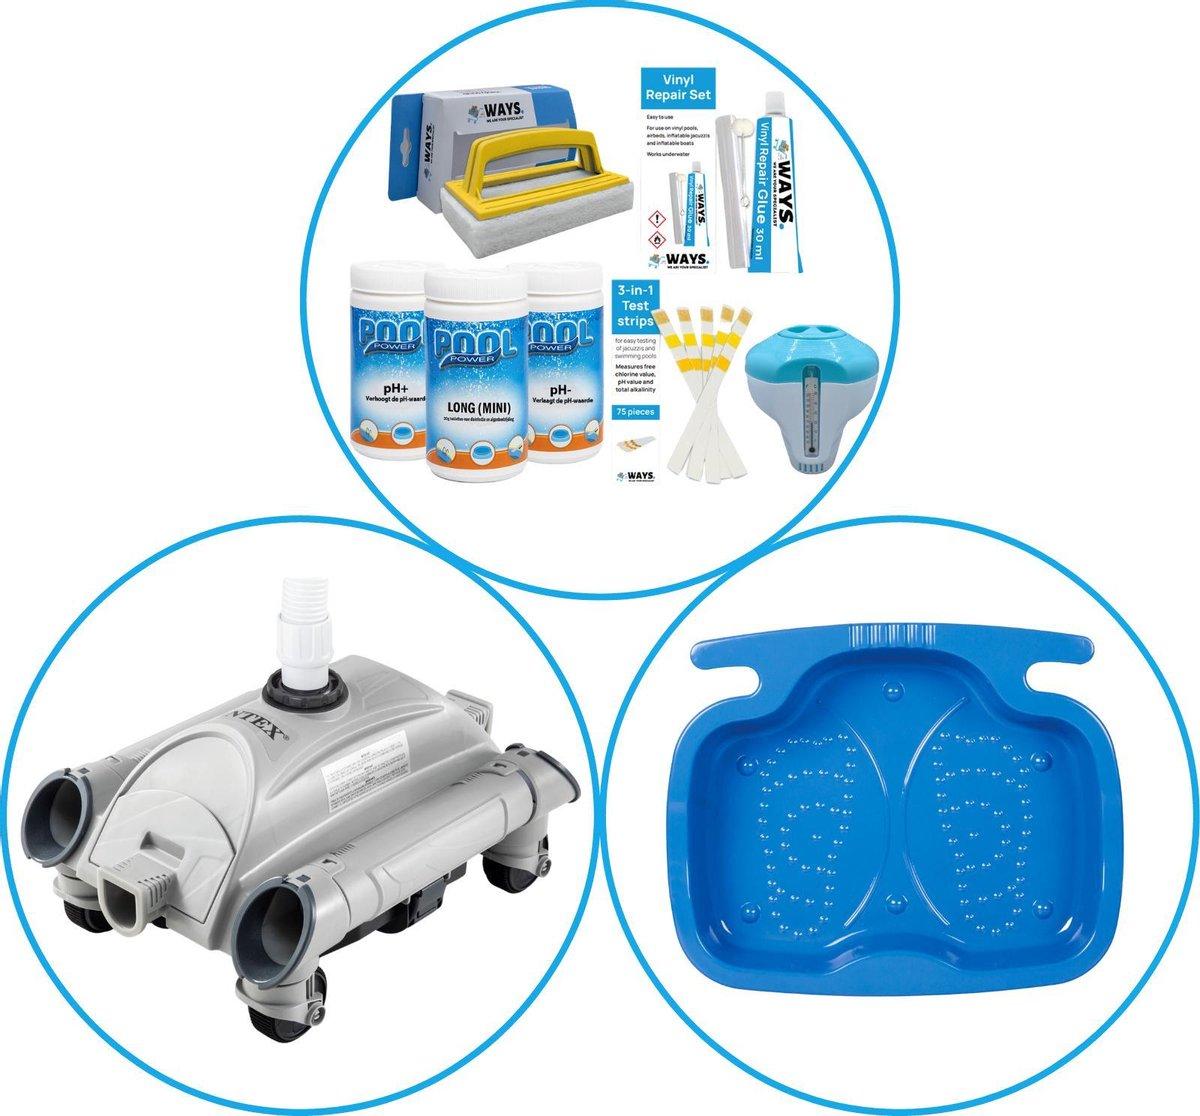 Zwembad Accessoirepakket 3-delig - WAYS Onderhoudspakket & Automatische Zwembad stofzuiger & Voetenbad